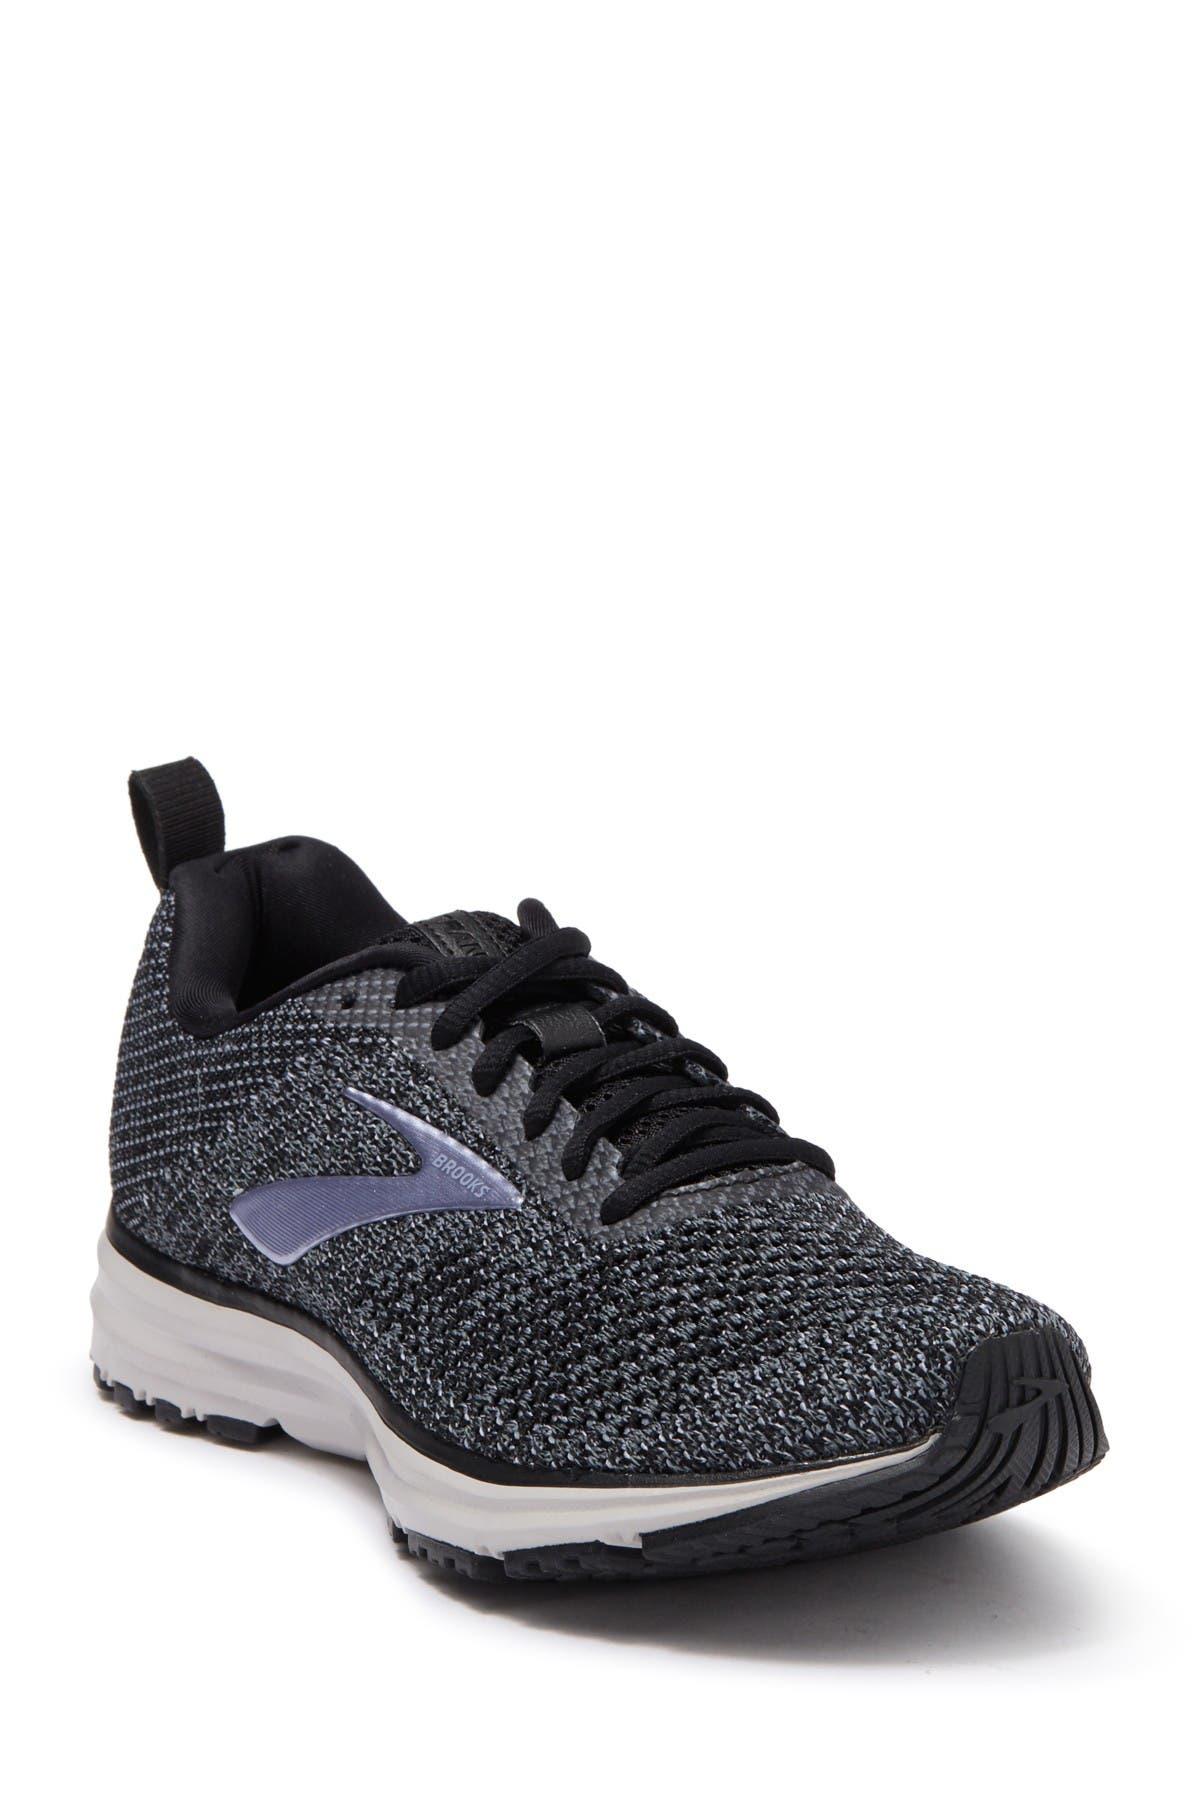 Brooks | Transmit Running Shoe